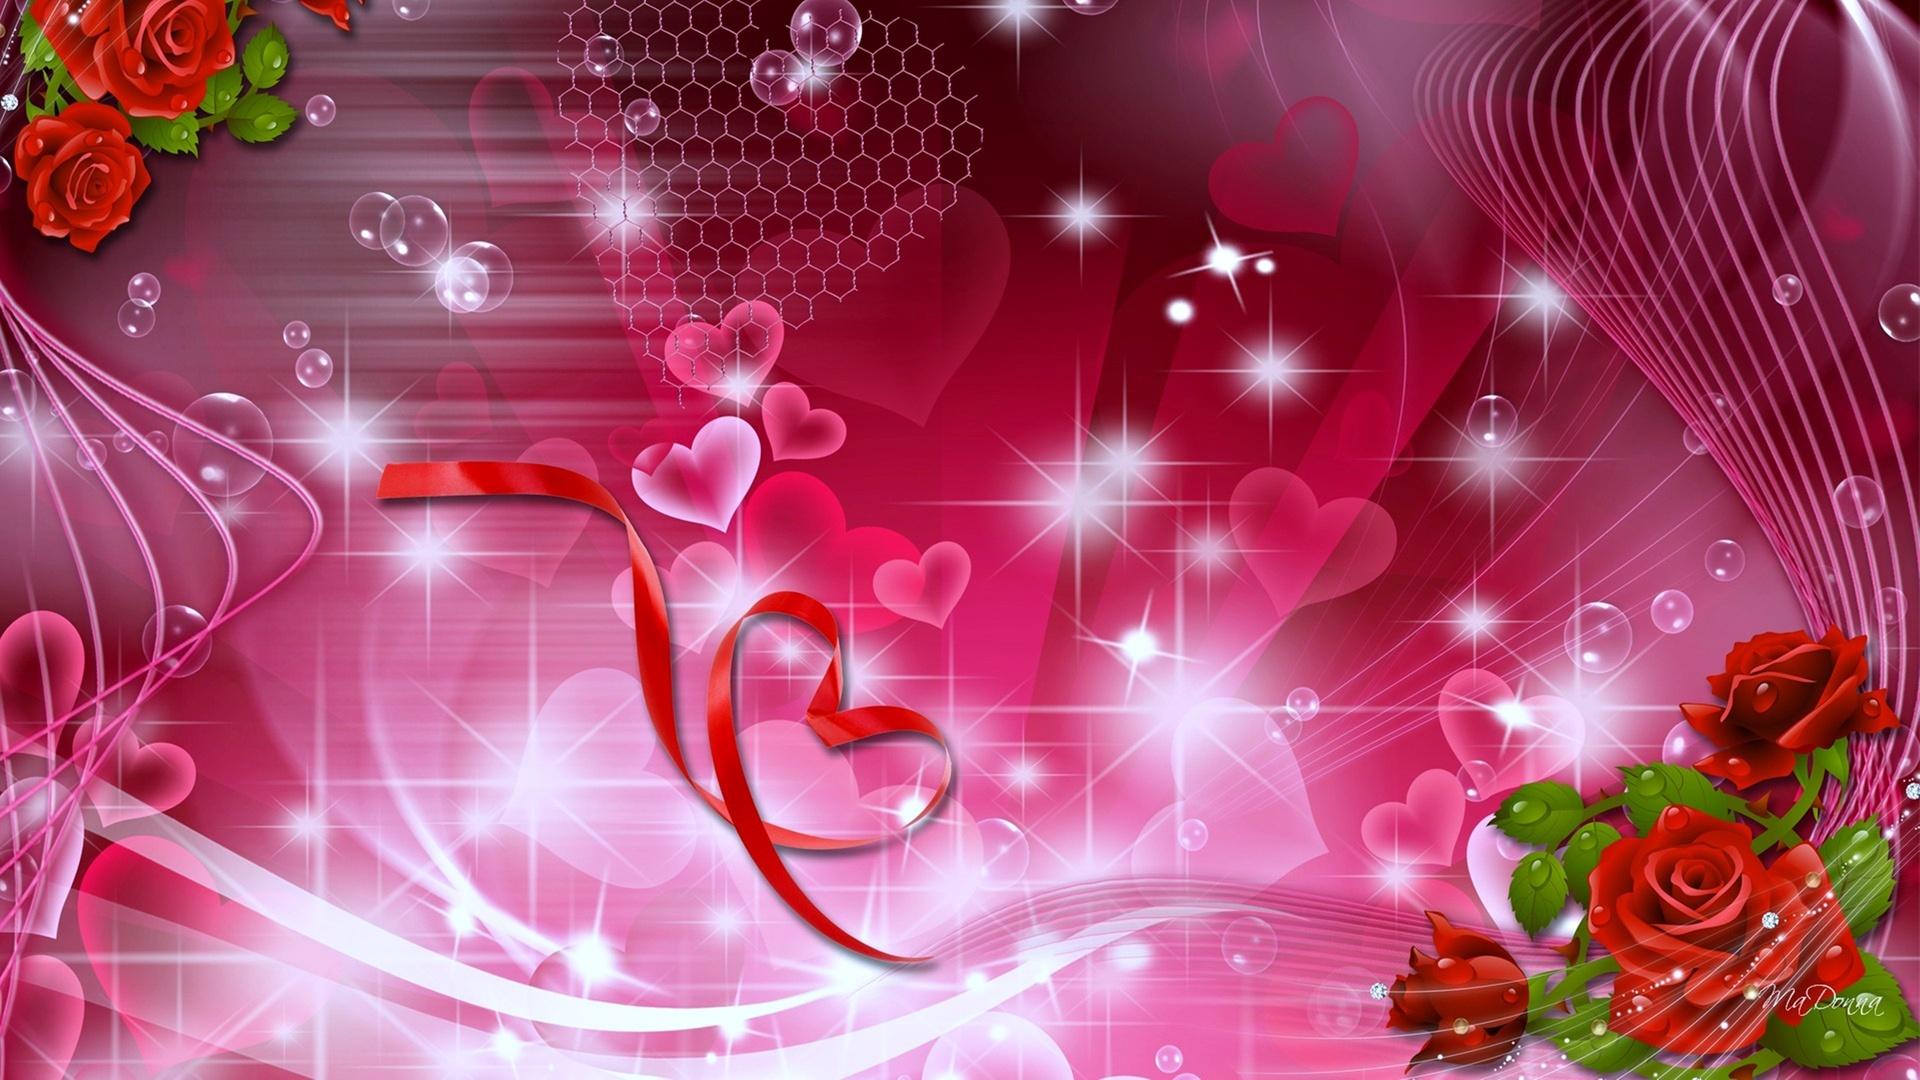 Фон для открытки романтичные, смешная картинка веселые